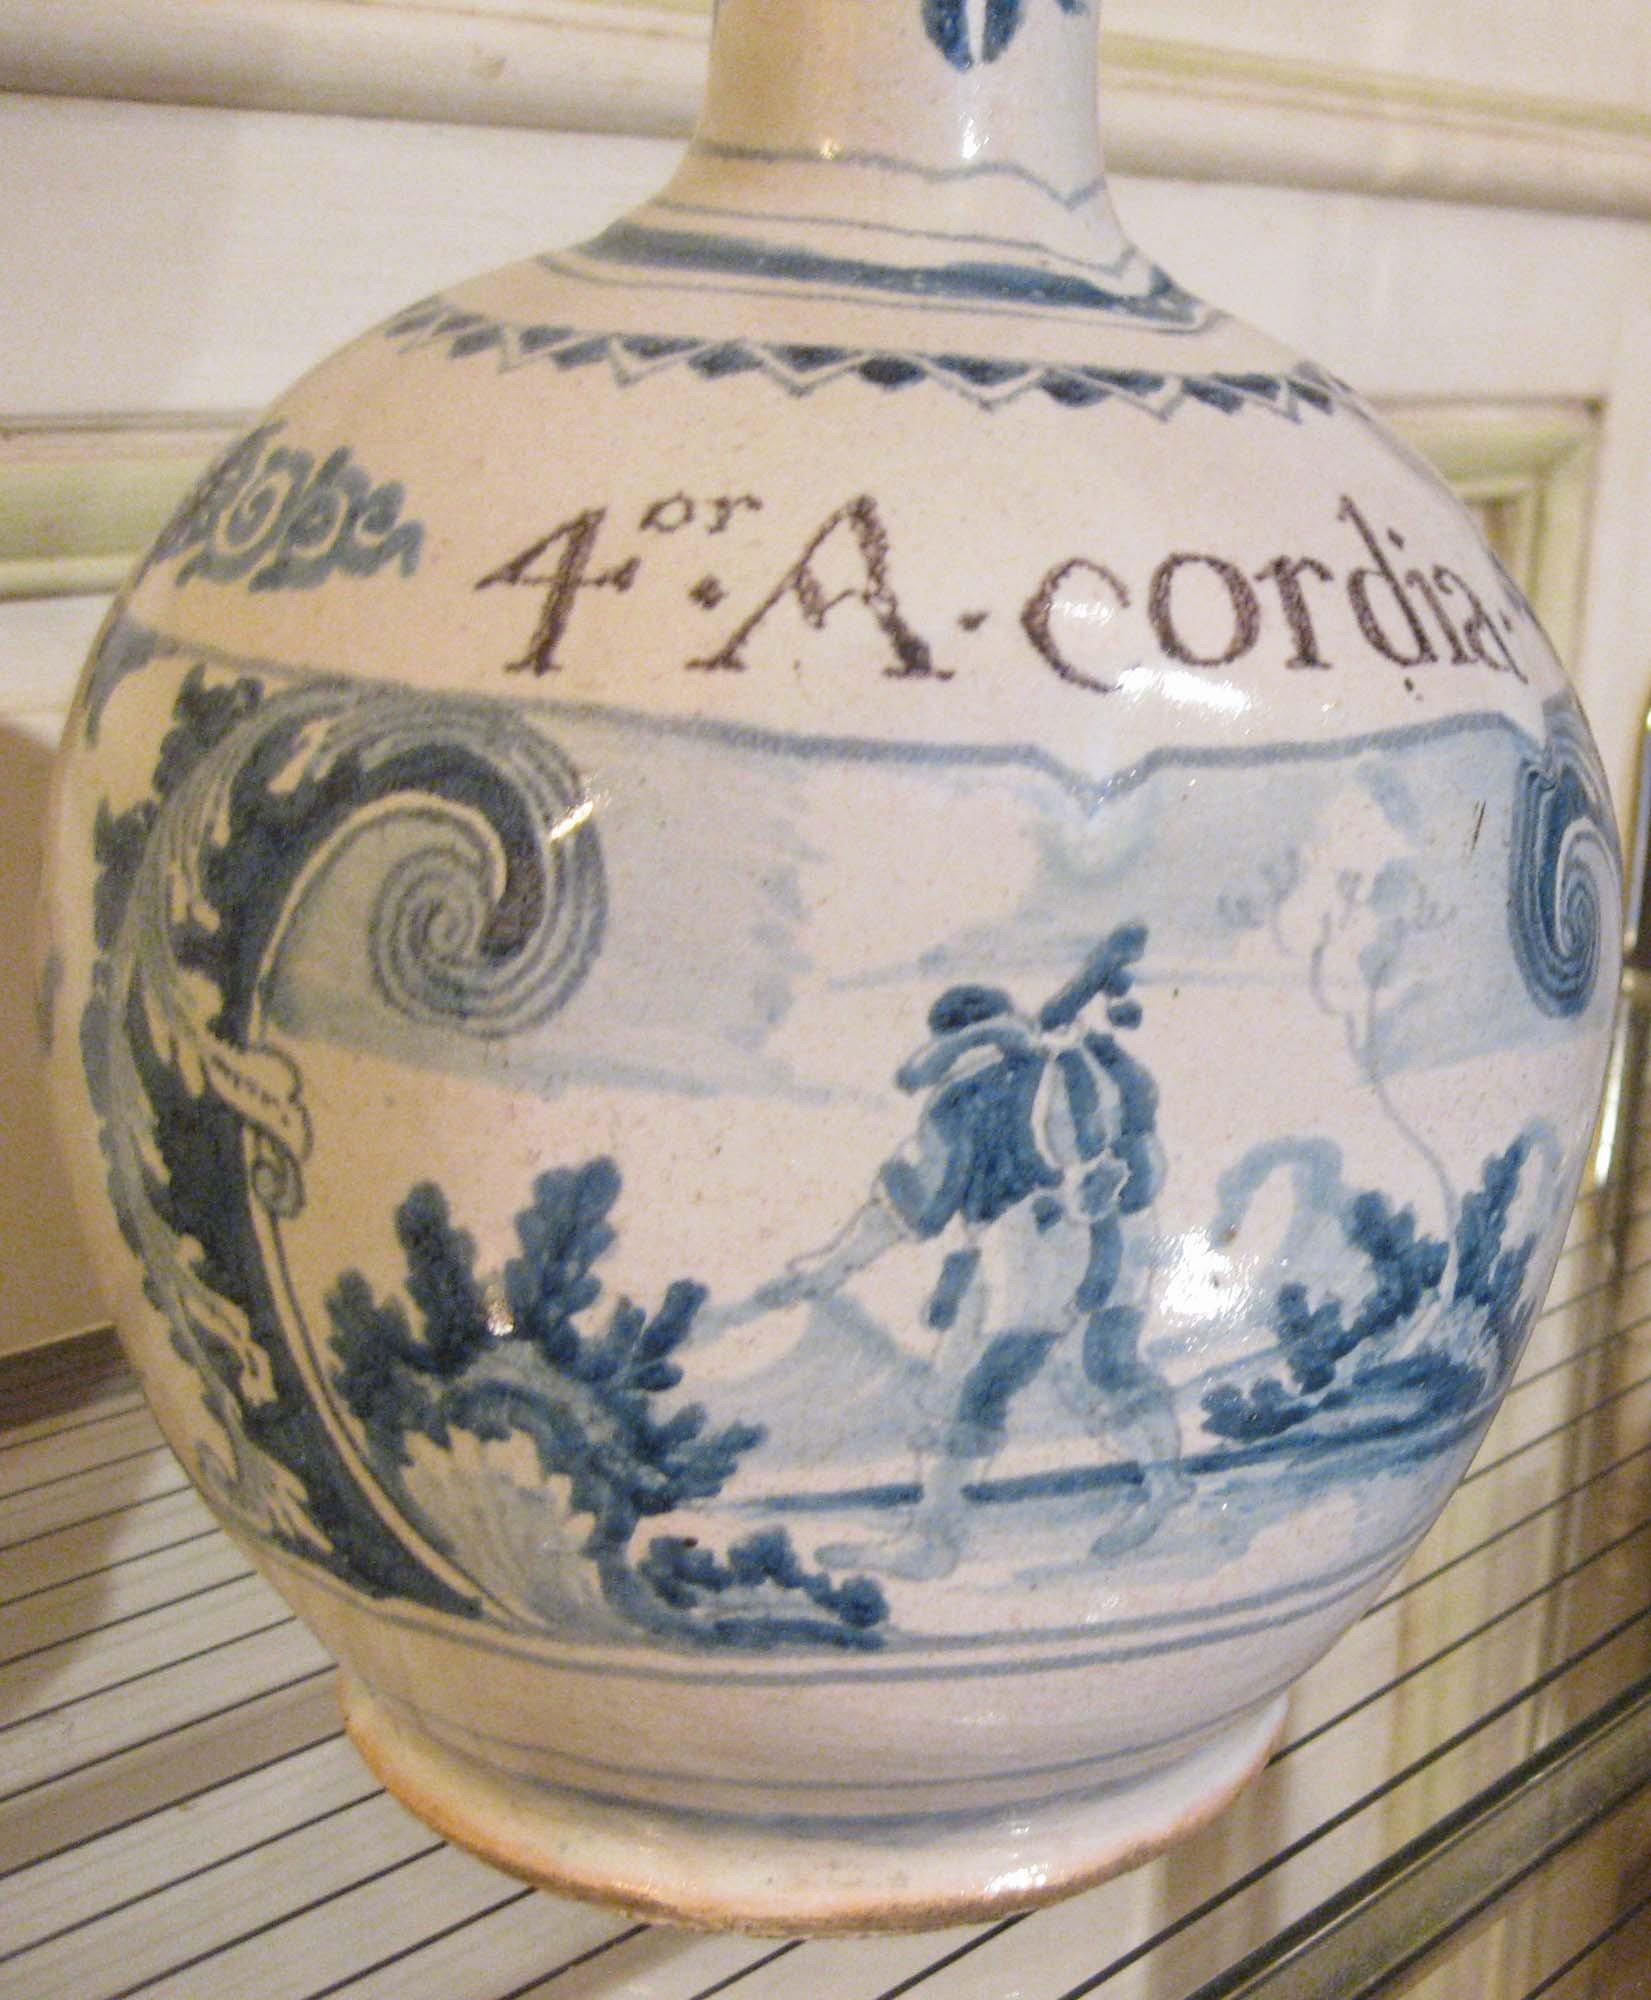 galerie-bosetti-antiquites Nevers 17ème gourde détail pèlerin